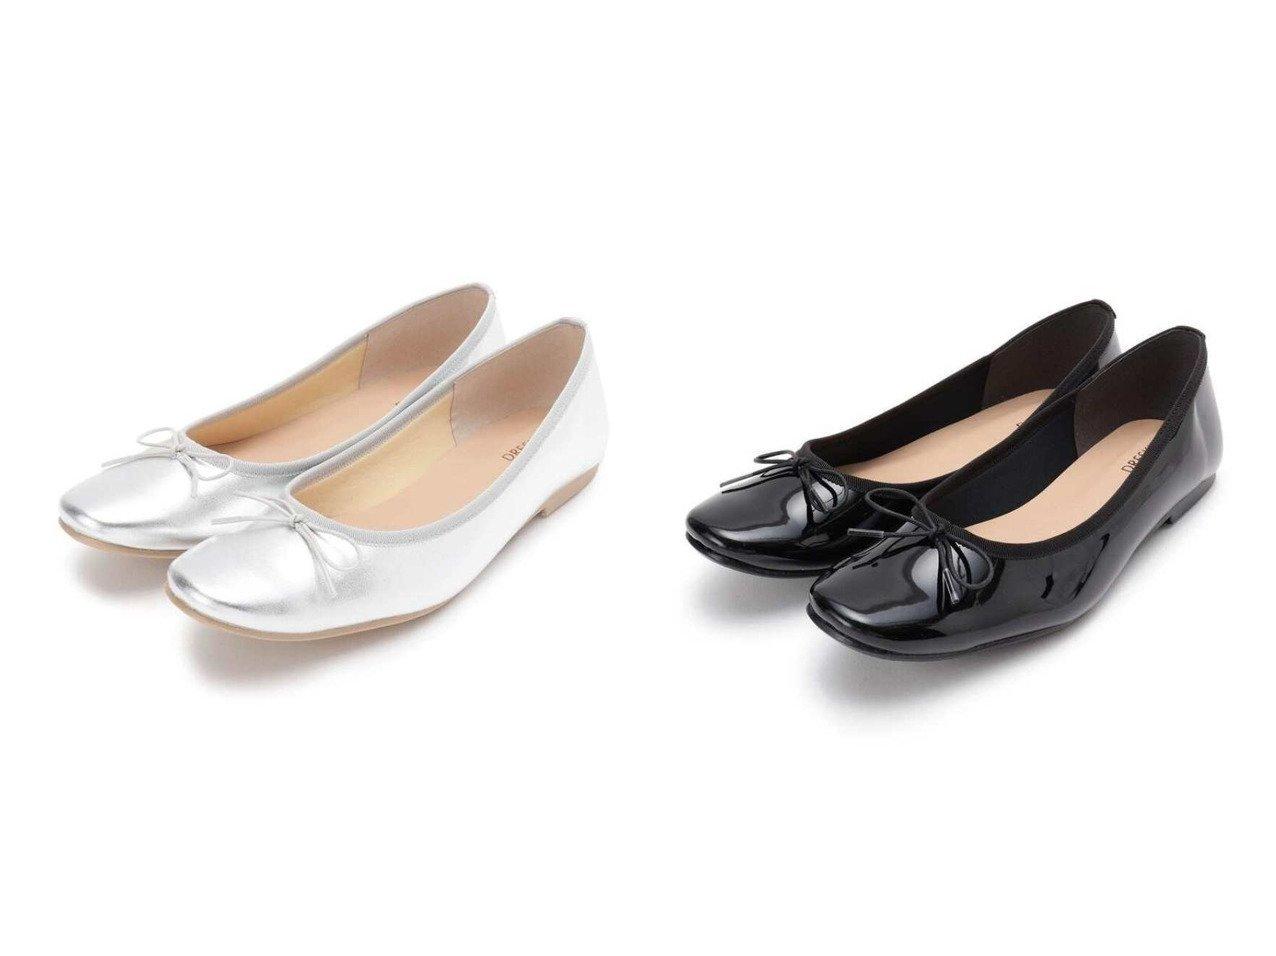 【SHOO LA RUE/シューラルー】の【日本製】バレエシュ-ズ シューズ・靴のおすすめ!人気、トレンド・レディースファッションの通販  おすすめで人気の流行・トレンド、ファッションの通販商品 メンズファッション・キッズファッション・インテリア・家具・レディースファッション・服の通販 founy(ファニー) https://founy.com/ ファッション Fashion レディースファッション WOMEN クッション シューズ バレエ フラット メッシュ リボン |ID:crp329100000009830